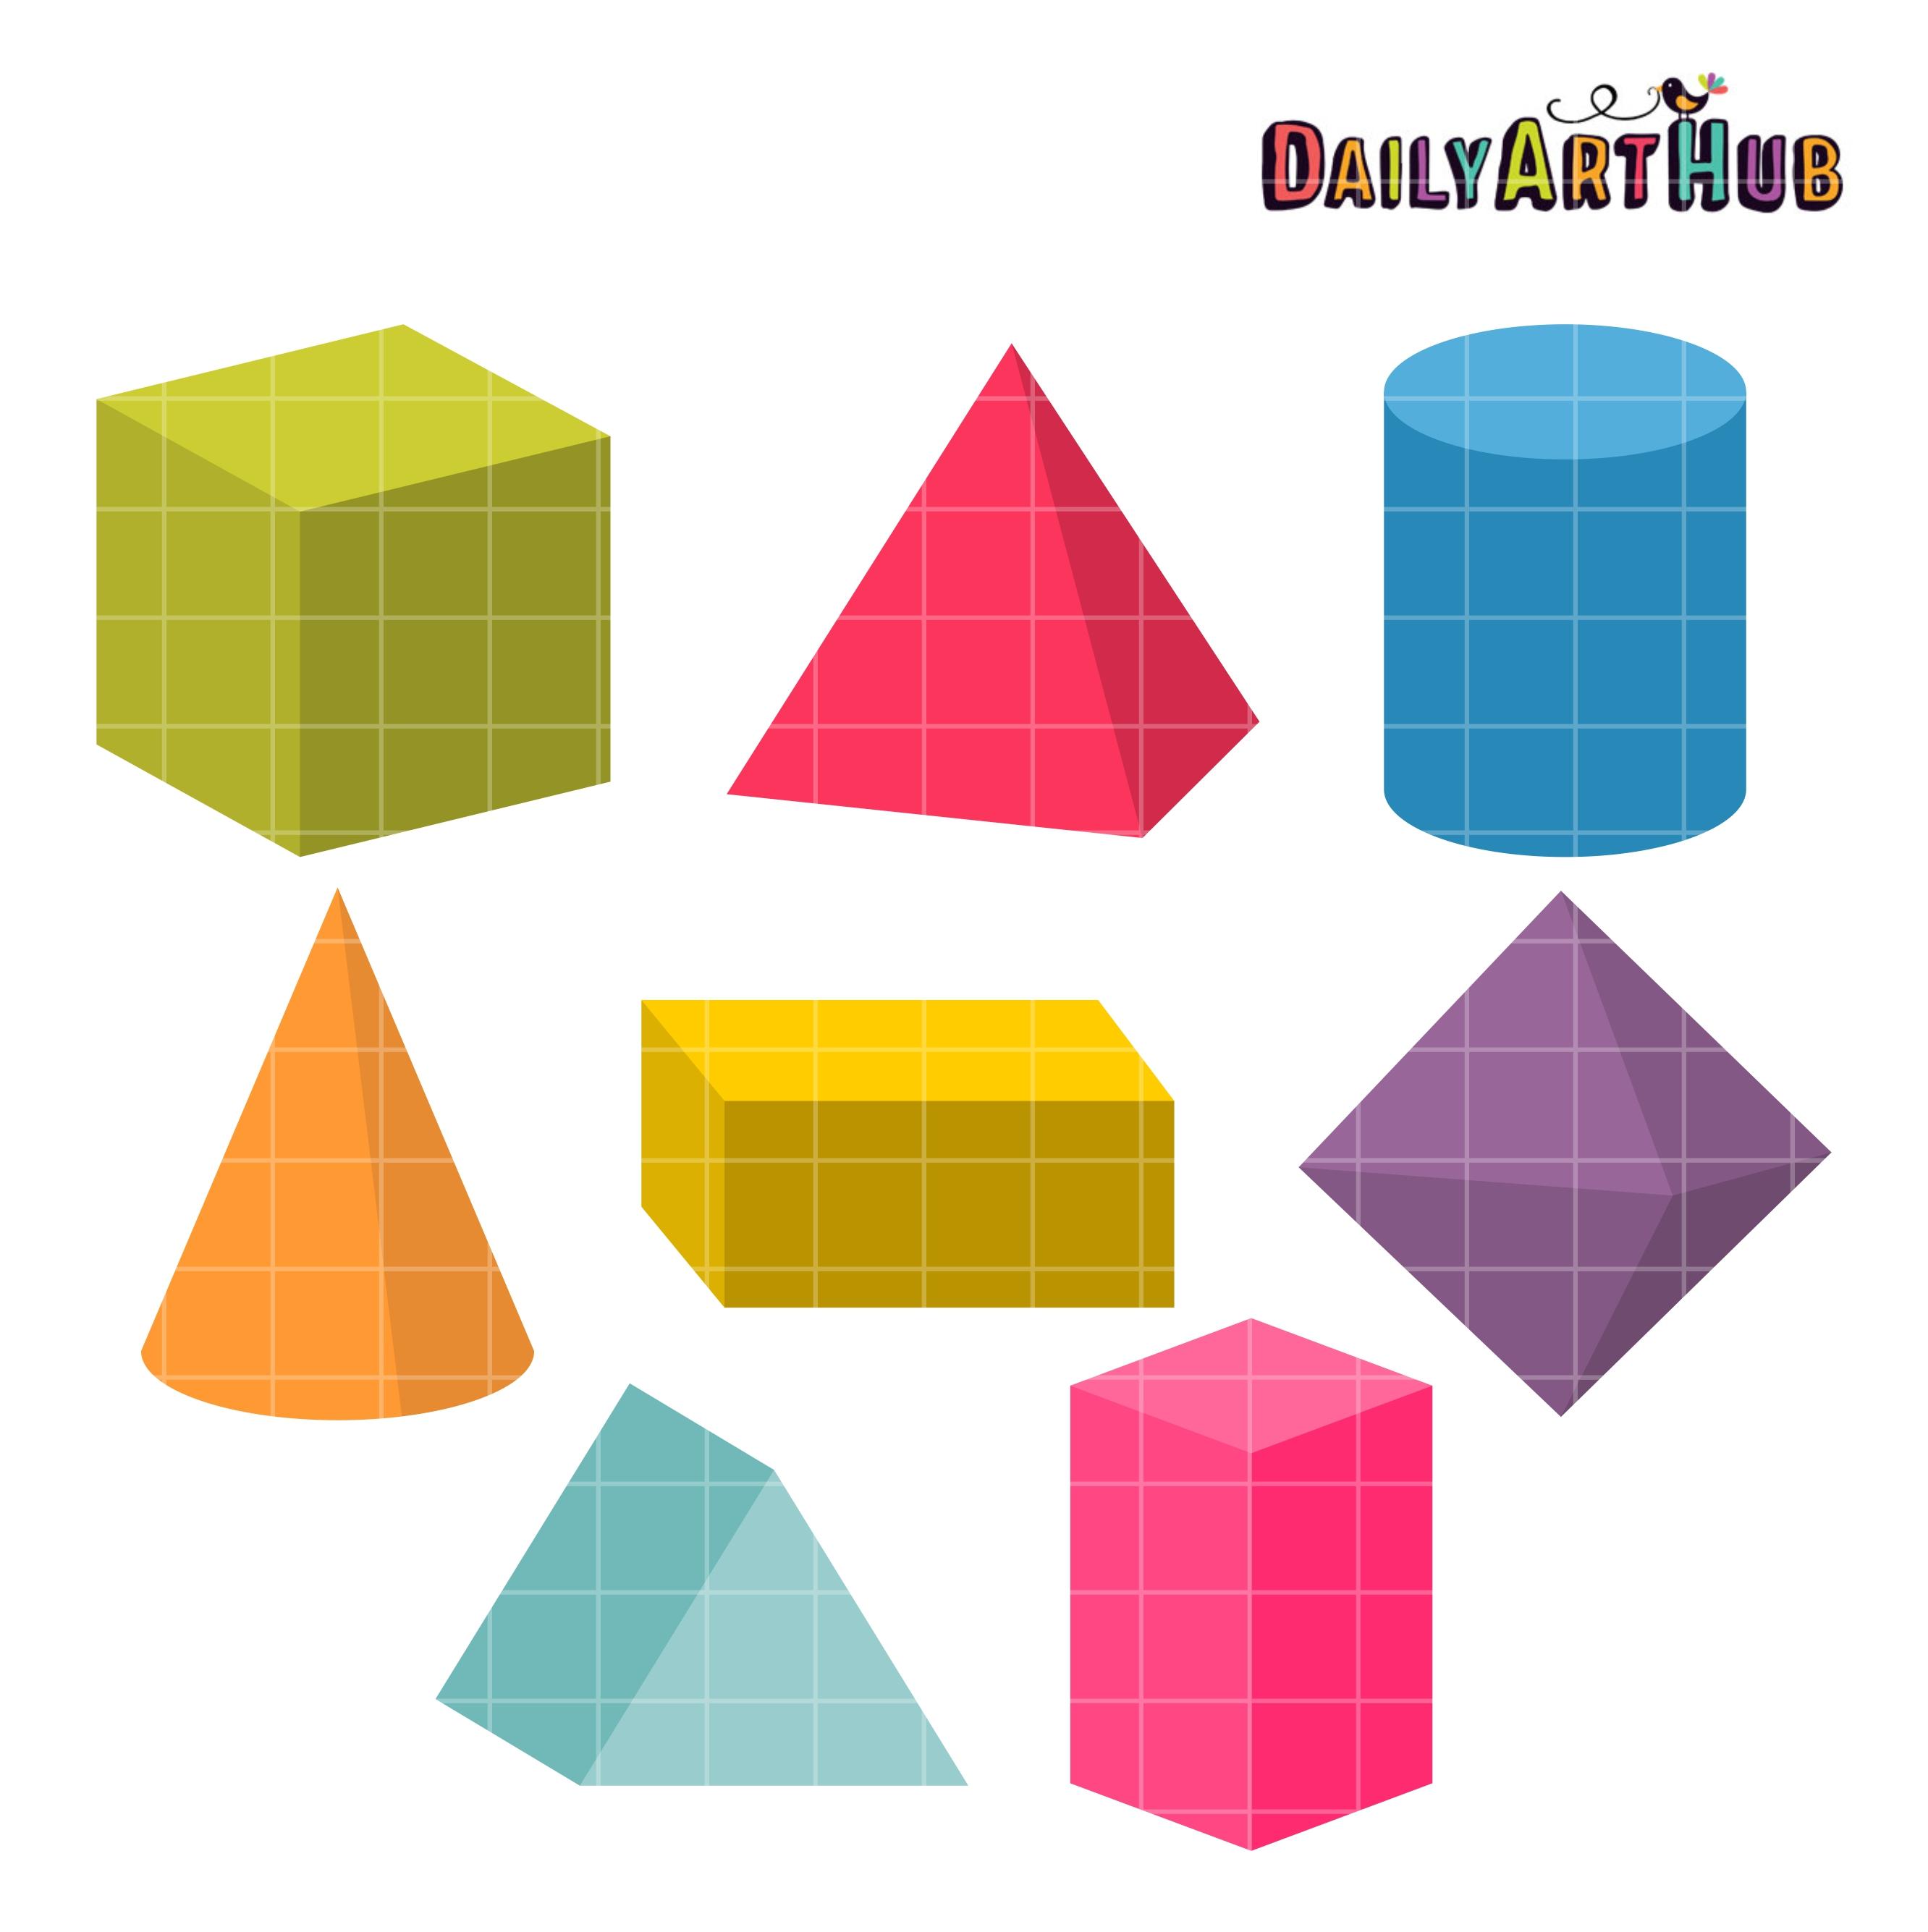 3d Shapes Clip Art Set Daily Art Hub Free Clip Art